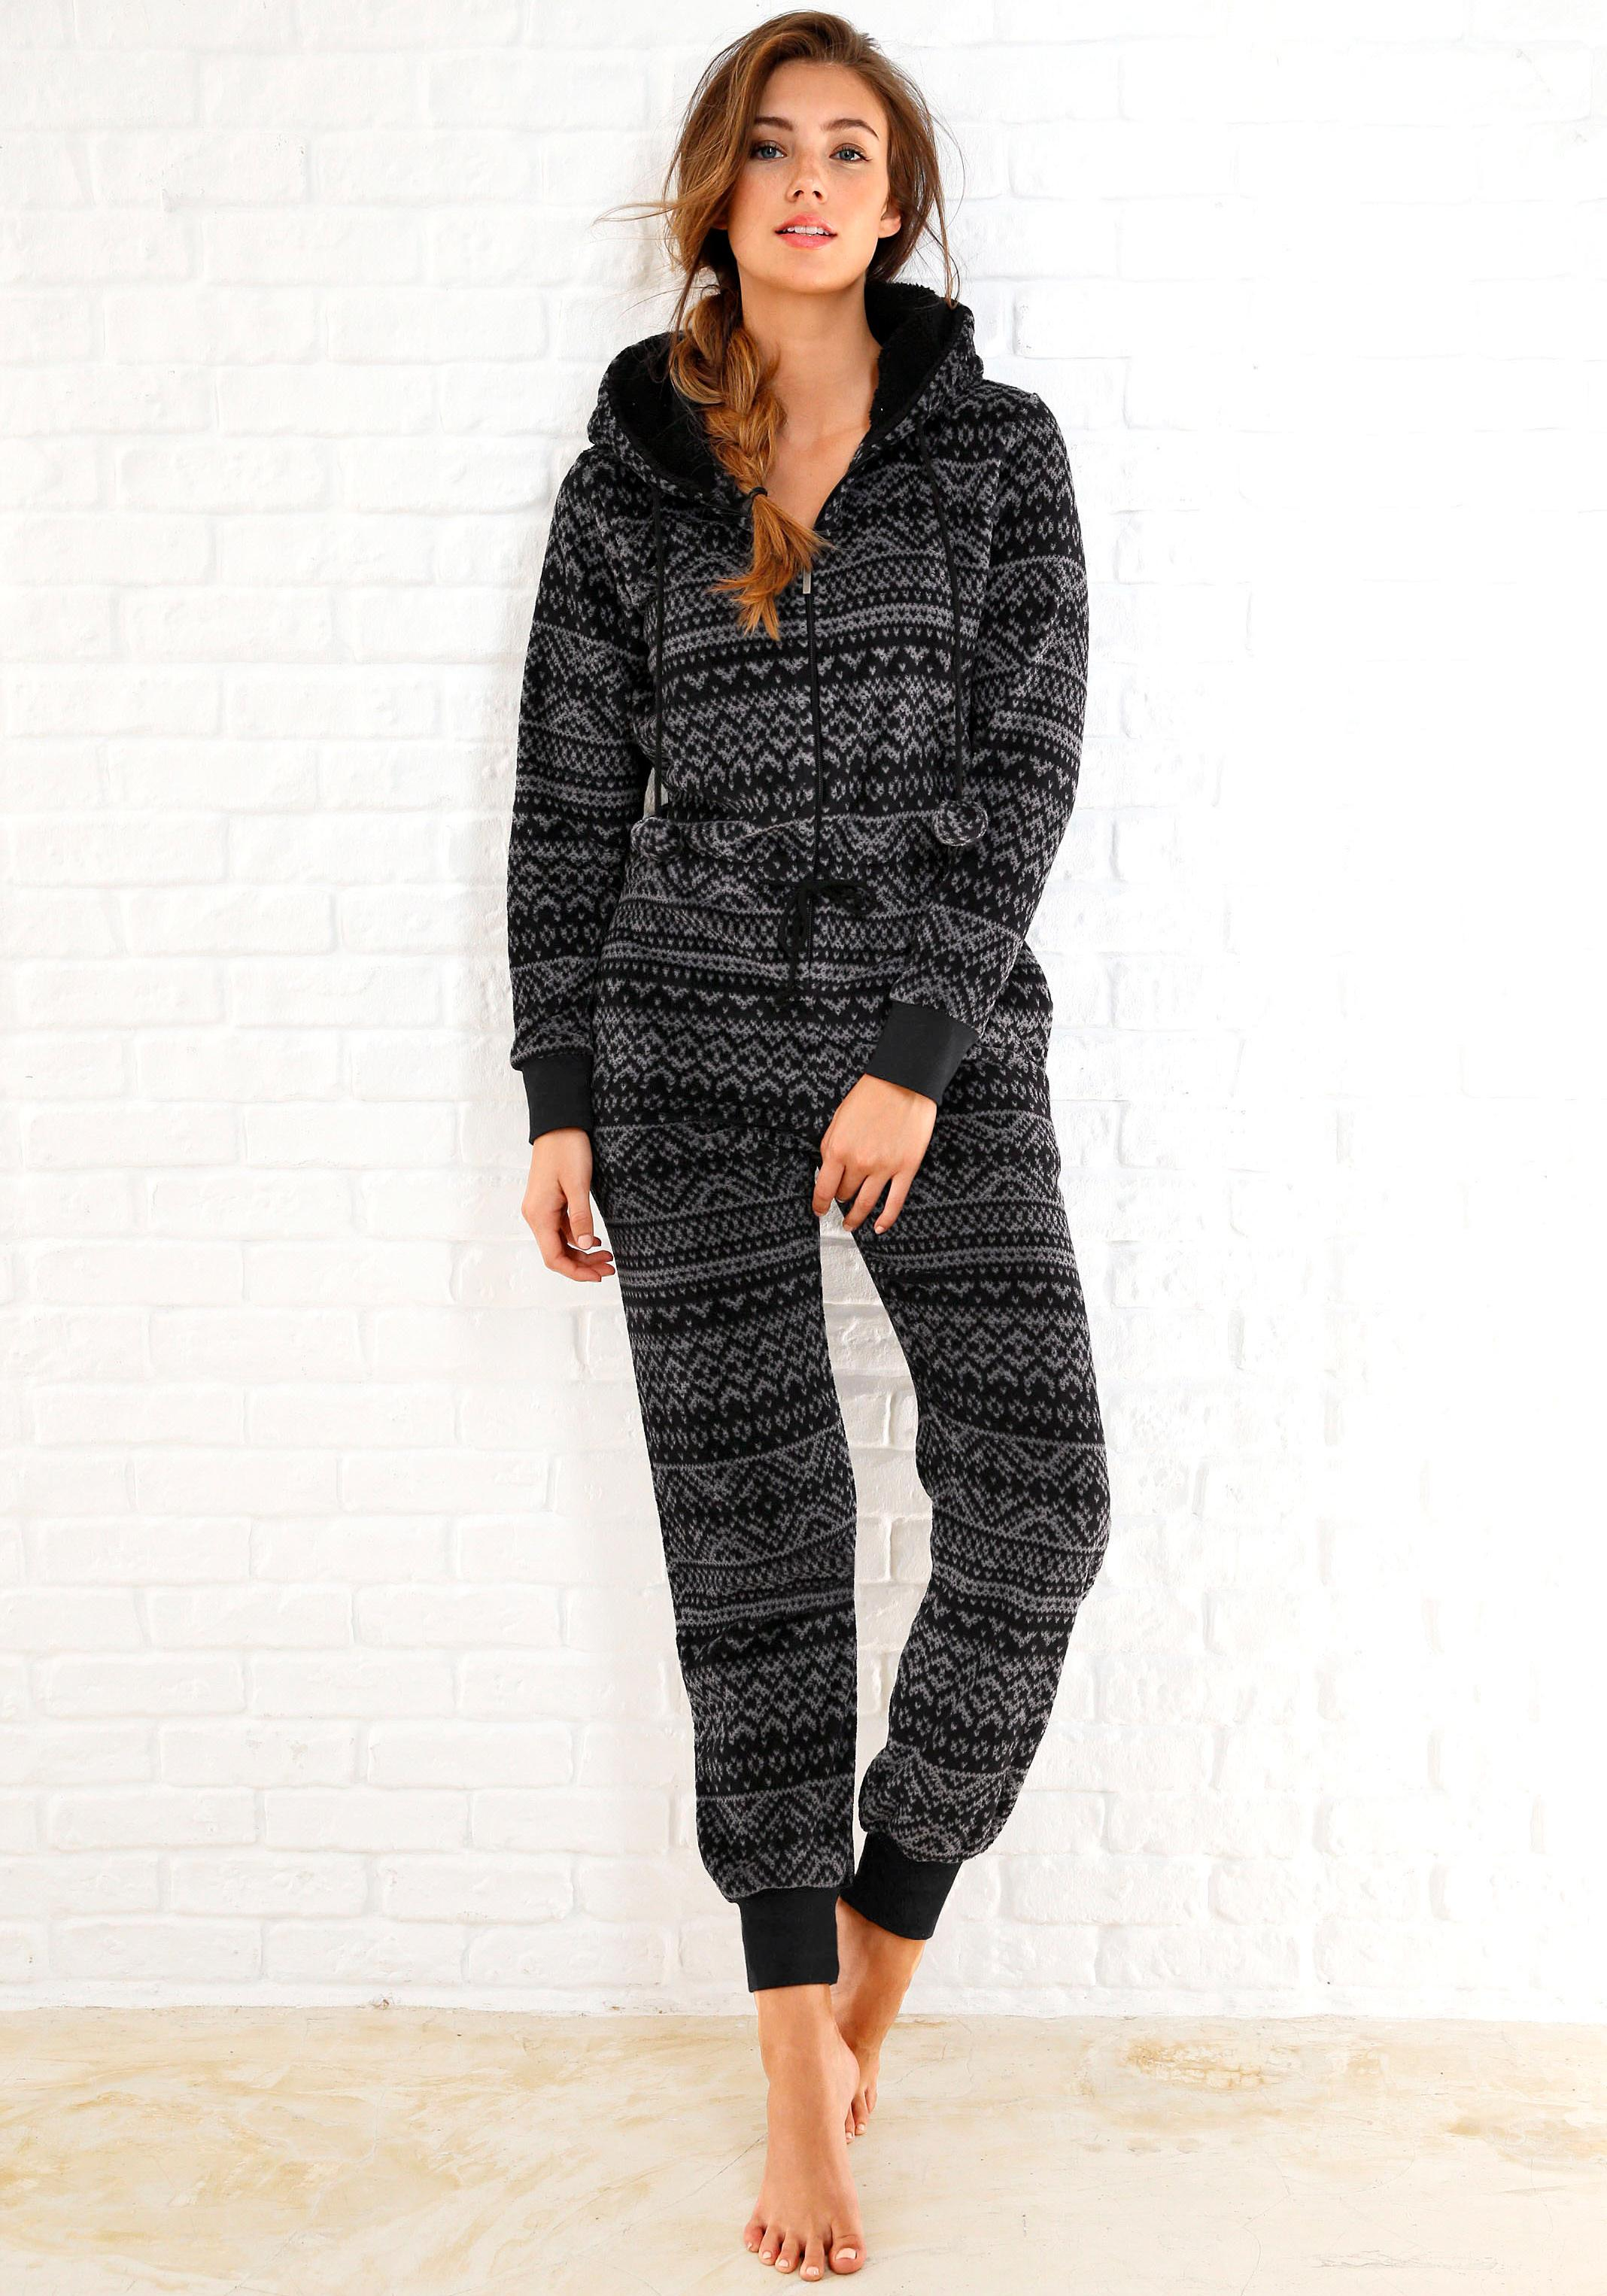 Rebelle Jumpsuit aus Fleece in schwarz-grauem Norwegerdesign